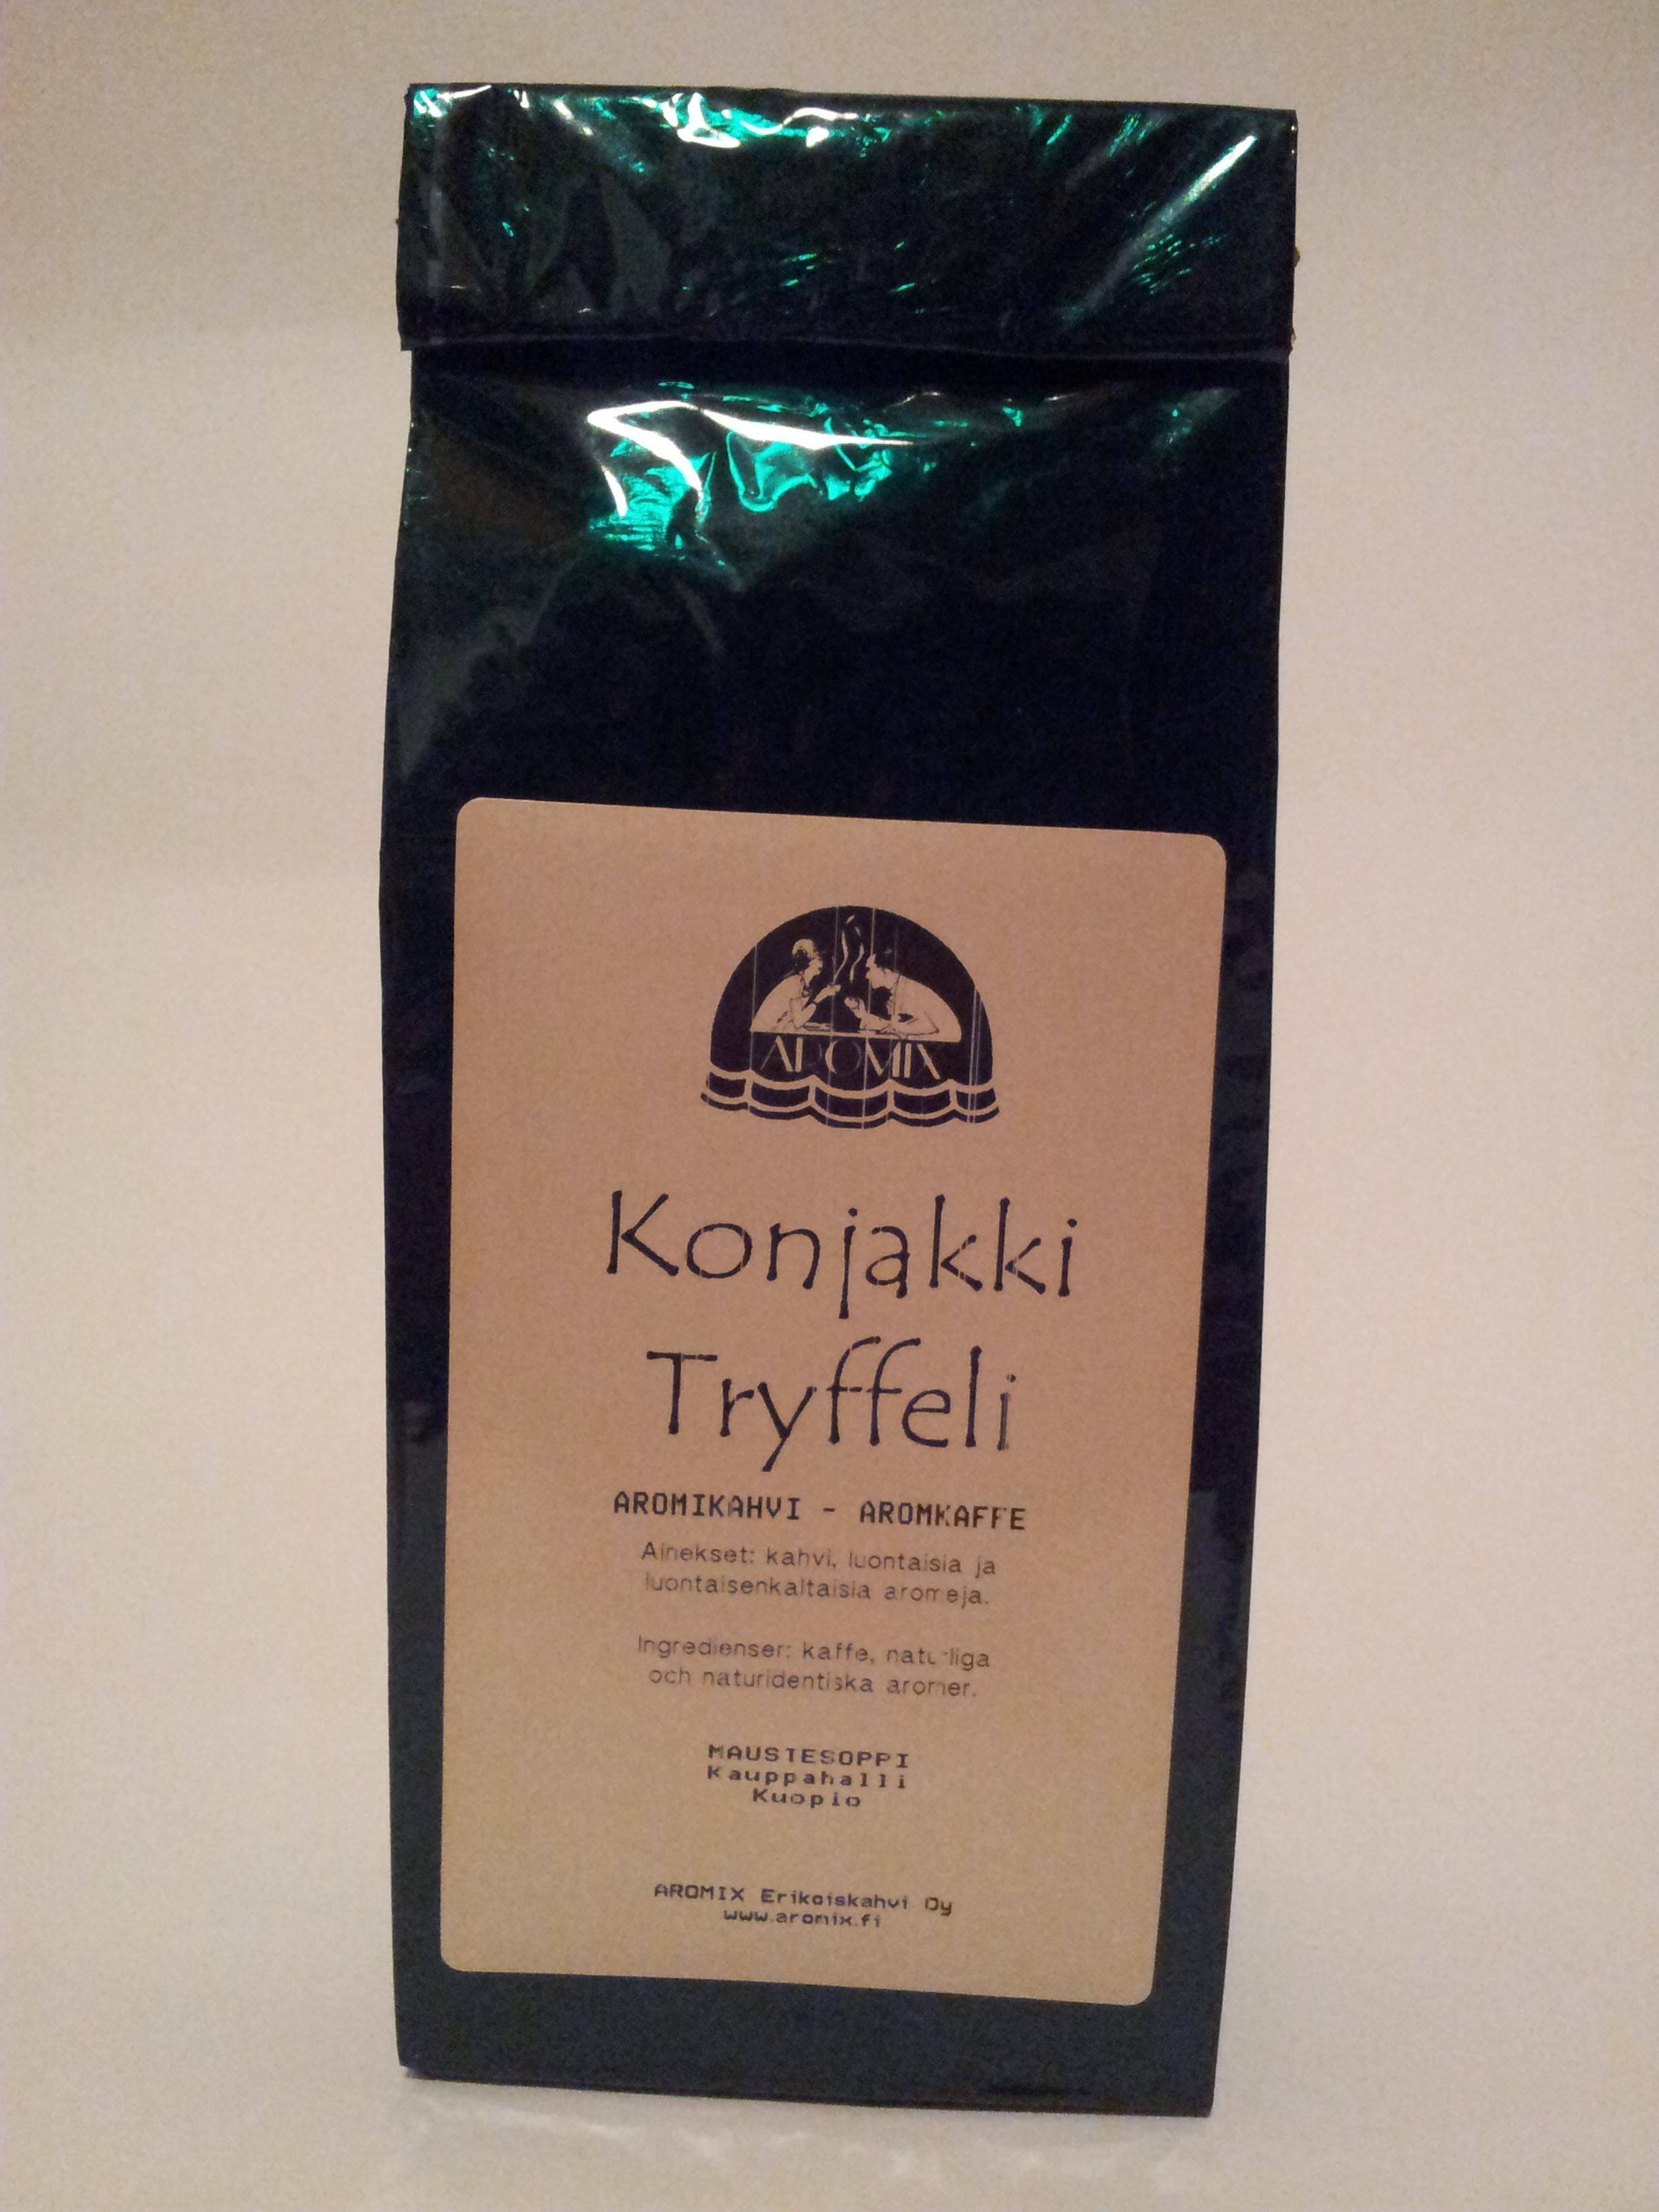 Kahvi Ja Konjakki